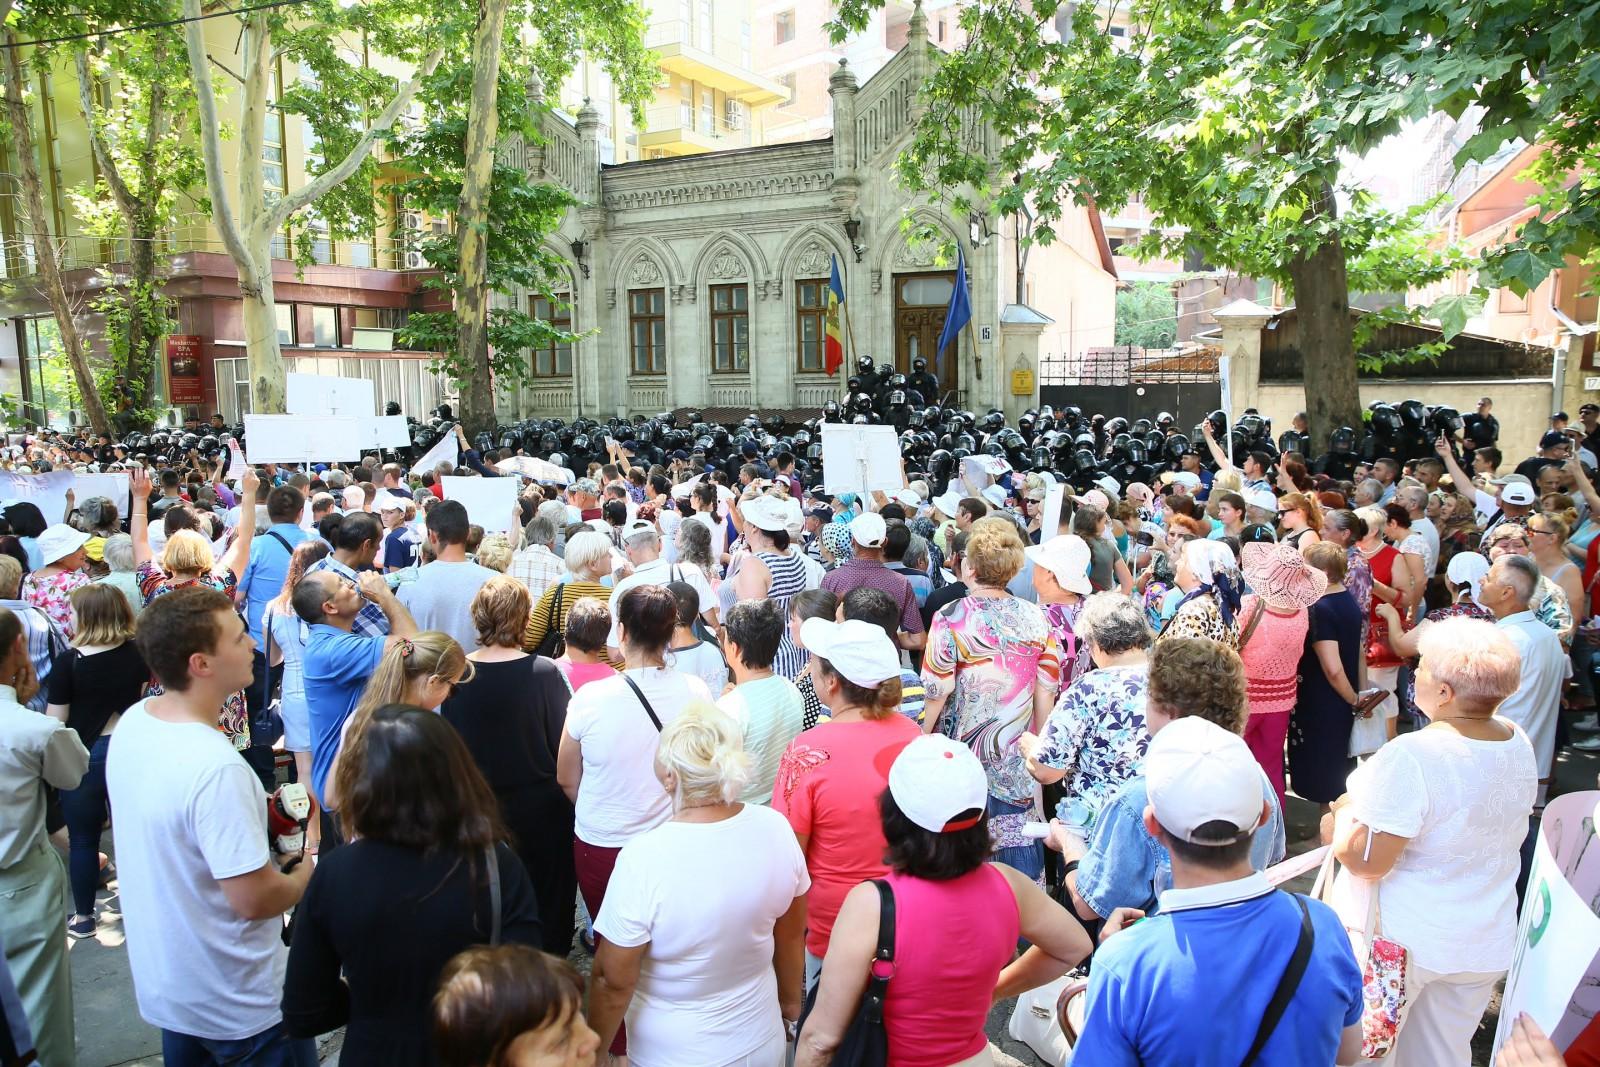 (foto/video/update) Ilan Șor a declarat la protest că după parlamentare în locul sediilor PAS și Platforma DA va construi magazine sociale